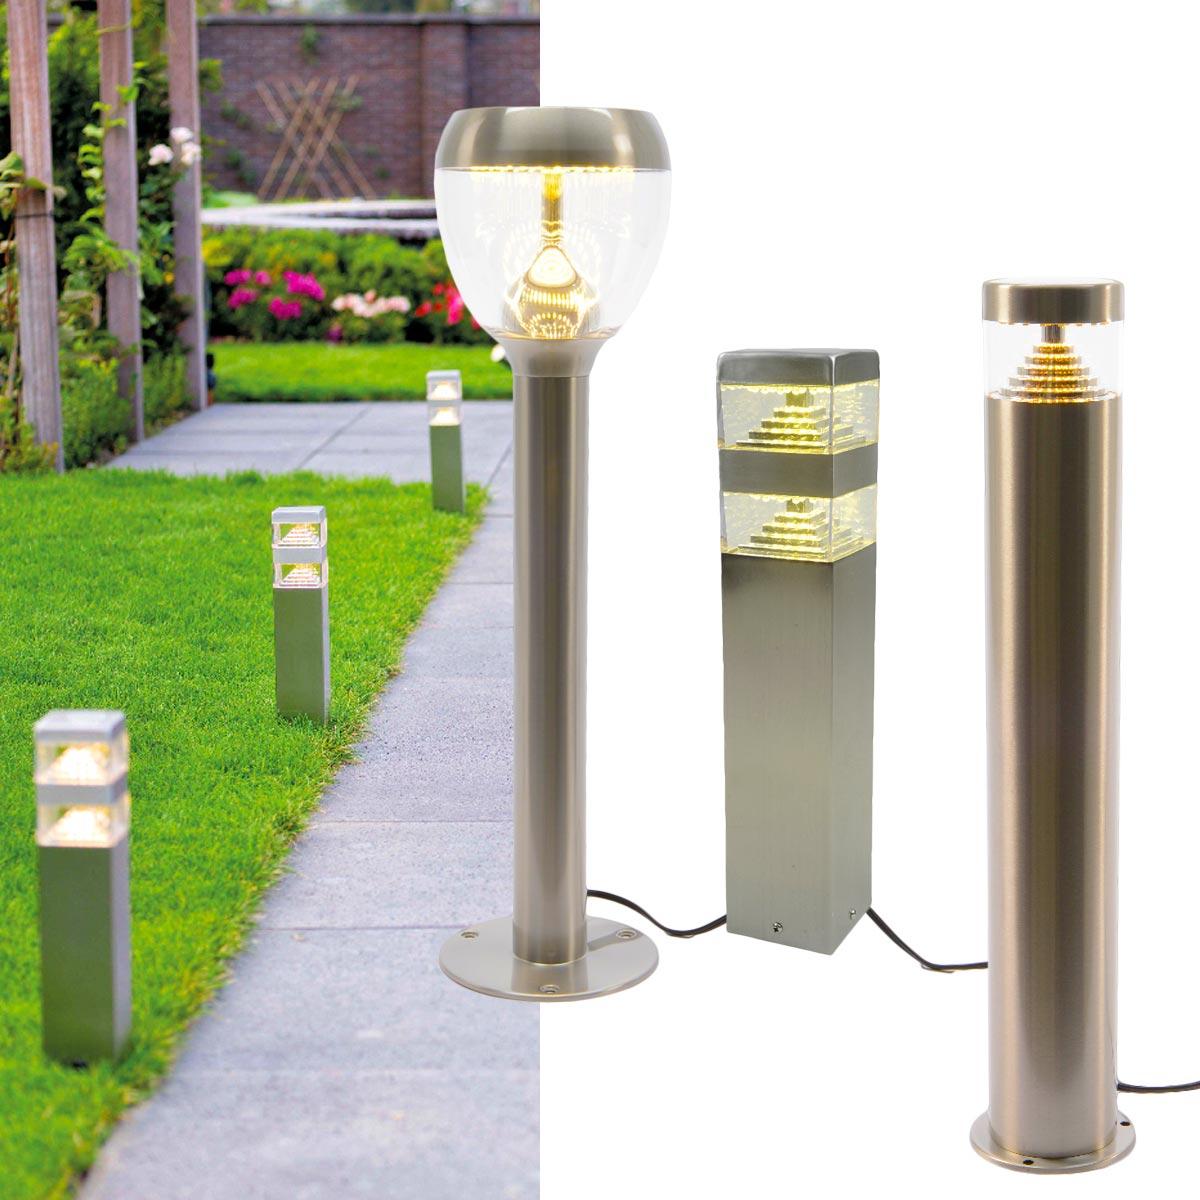 Système Éclairage Extérieur À Led 12V Basse Tension à Borne Electrique Jardin